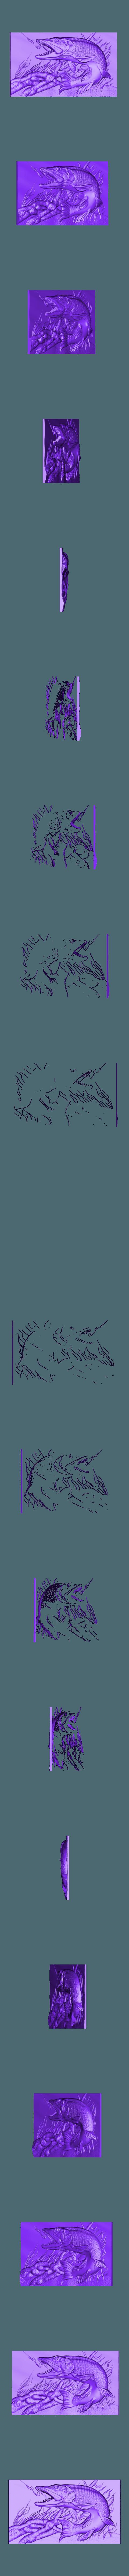 Schuka.stl Télécharger fichier STL gratuit routeur de pêche lake cnc • Objet pour imprimante 3D, 3DPrinterFiles